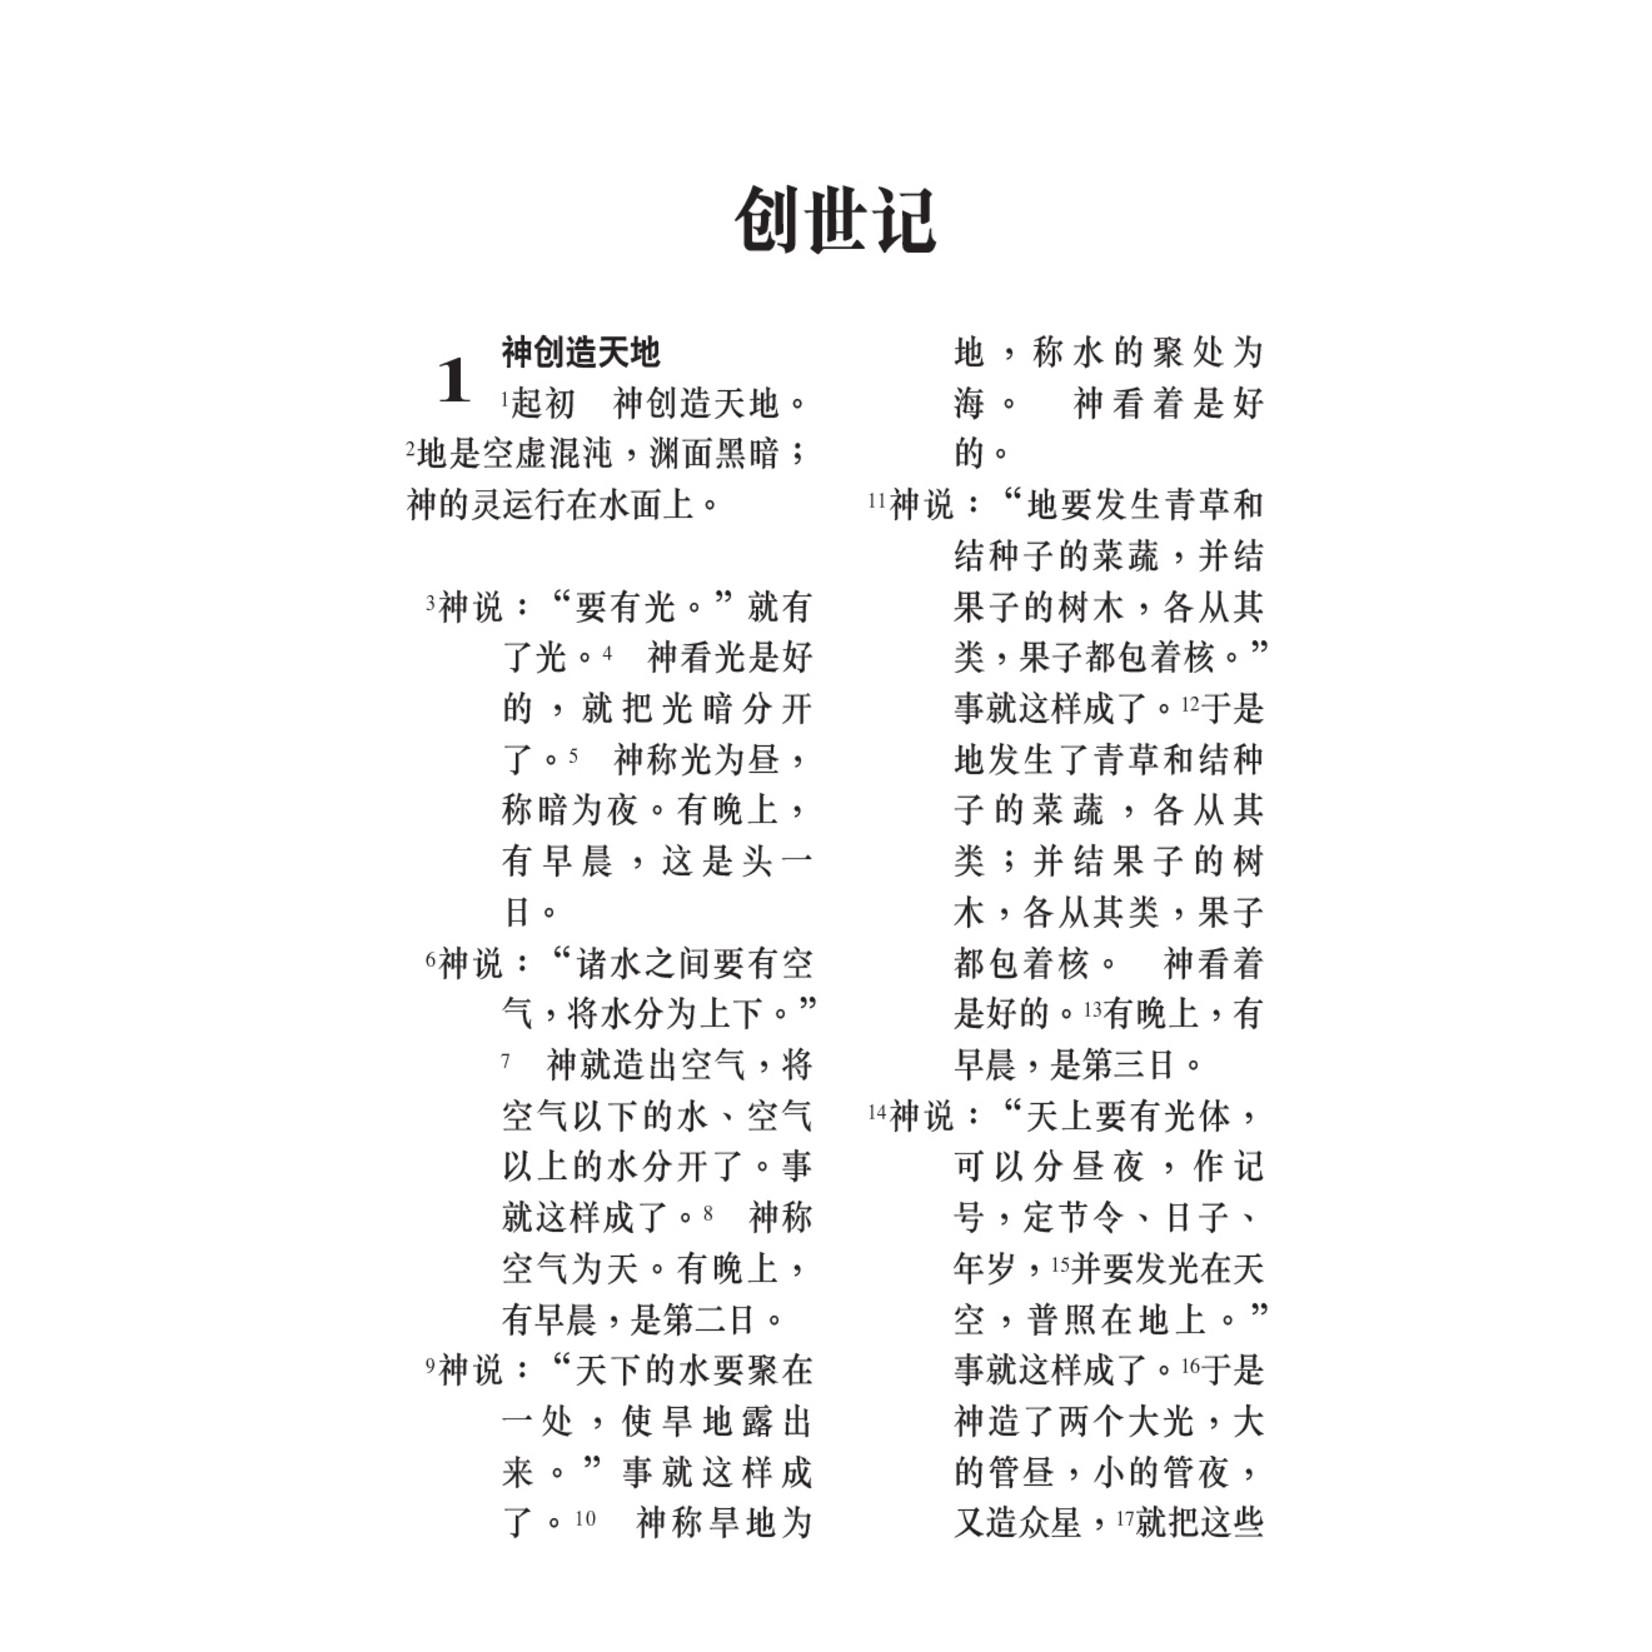 漢語聖經協會 Chinese Bible International 和合本.祈祷应许版大字版.黑色仿皮面.金边 Union Version (Prayer & Promise Large Print Edition) (Black Leather Gold Edge)